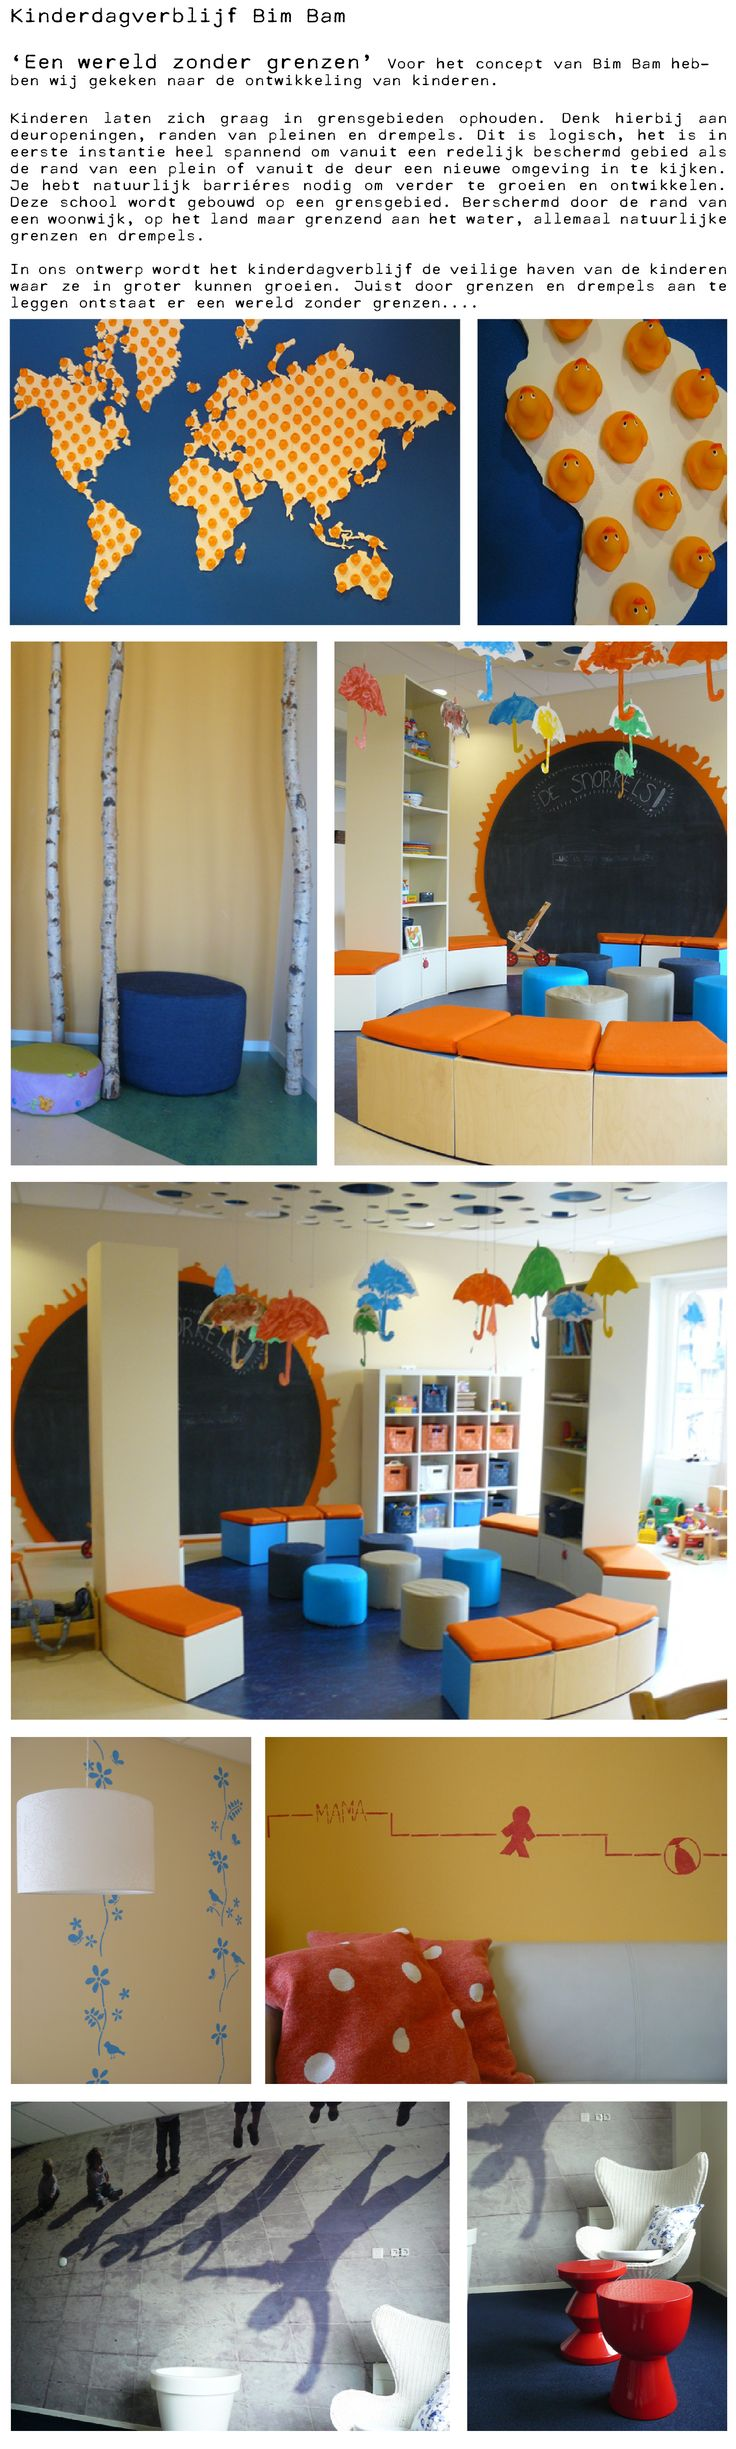 Interieur scholen en kinderdagverblijven - project Bimbam